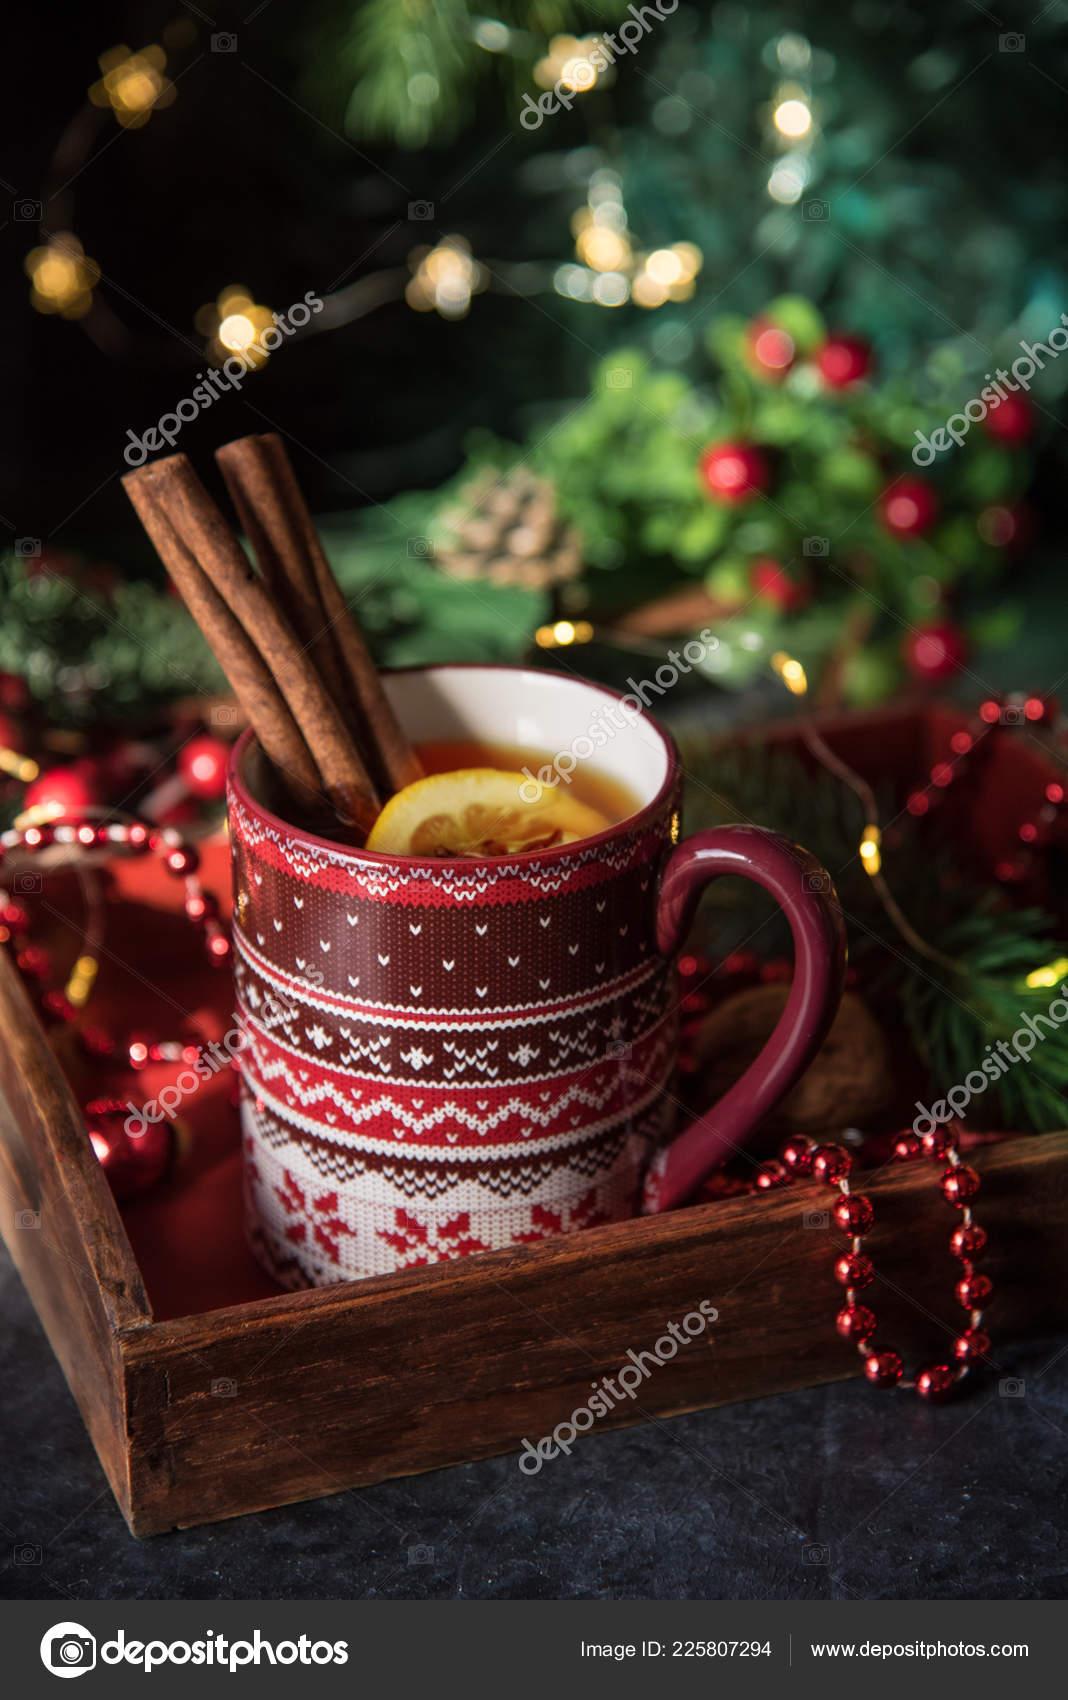 Decorazioni Natalizie Con La Cannella.Caldo Natale Con Limone Cannella Tavolo Con Decorazione